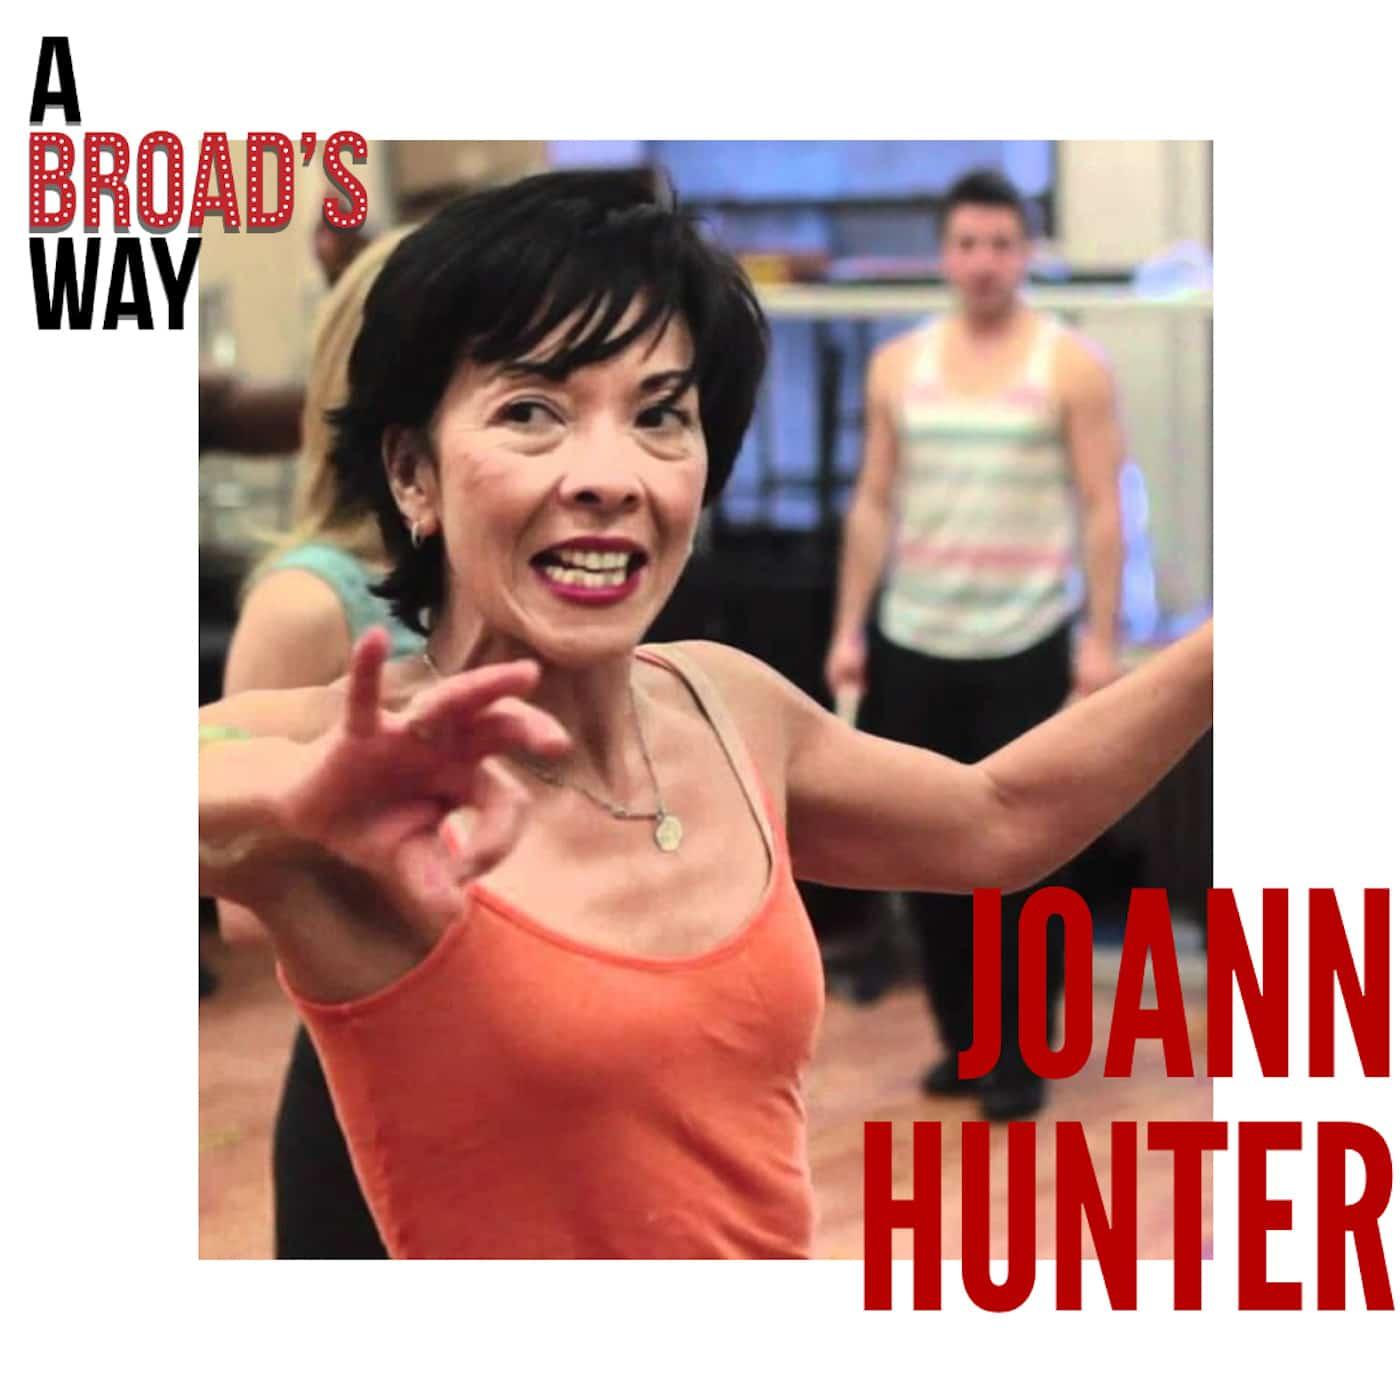 A Broad's Way Episode 9 JoAnn Hunter